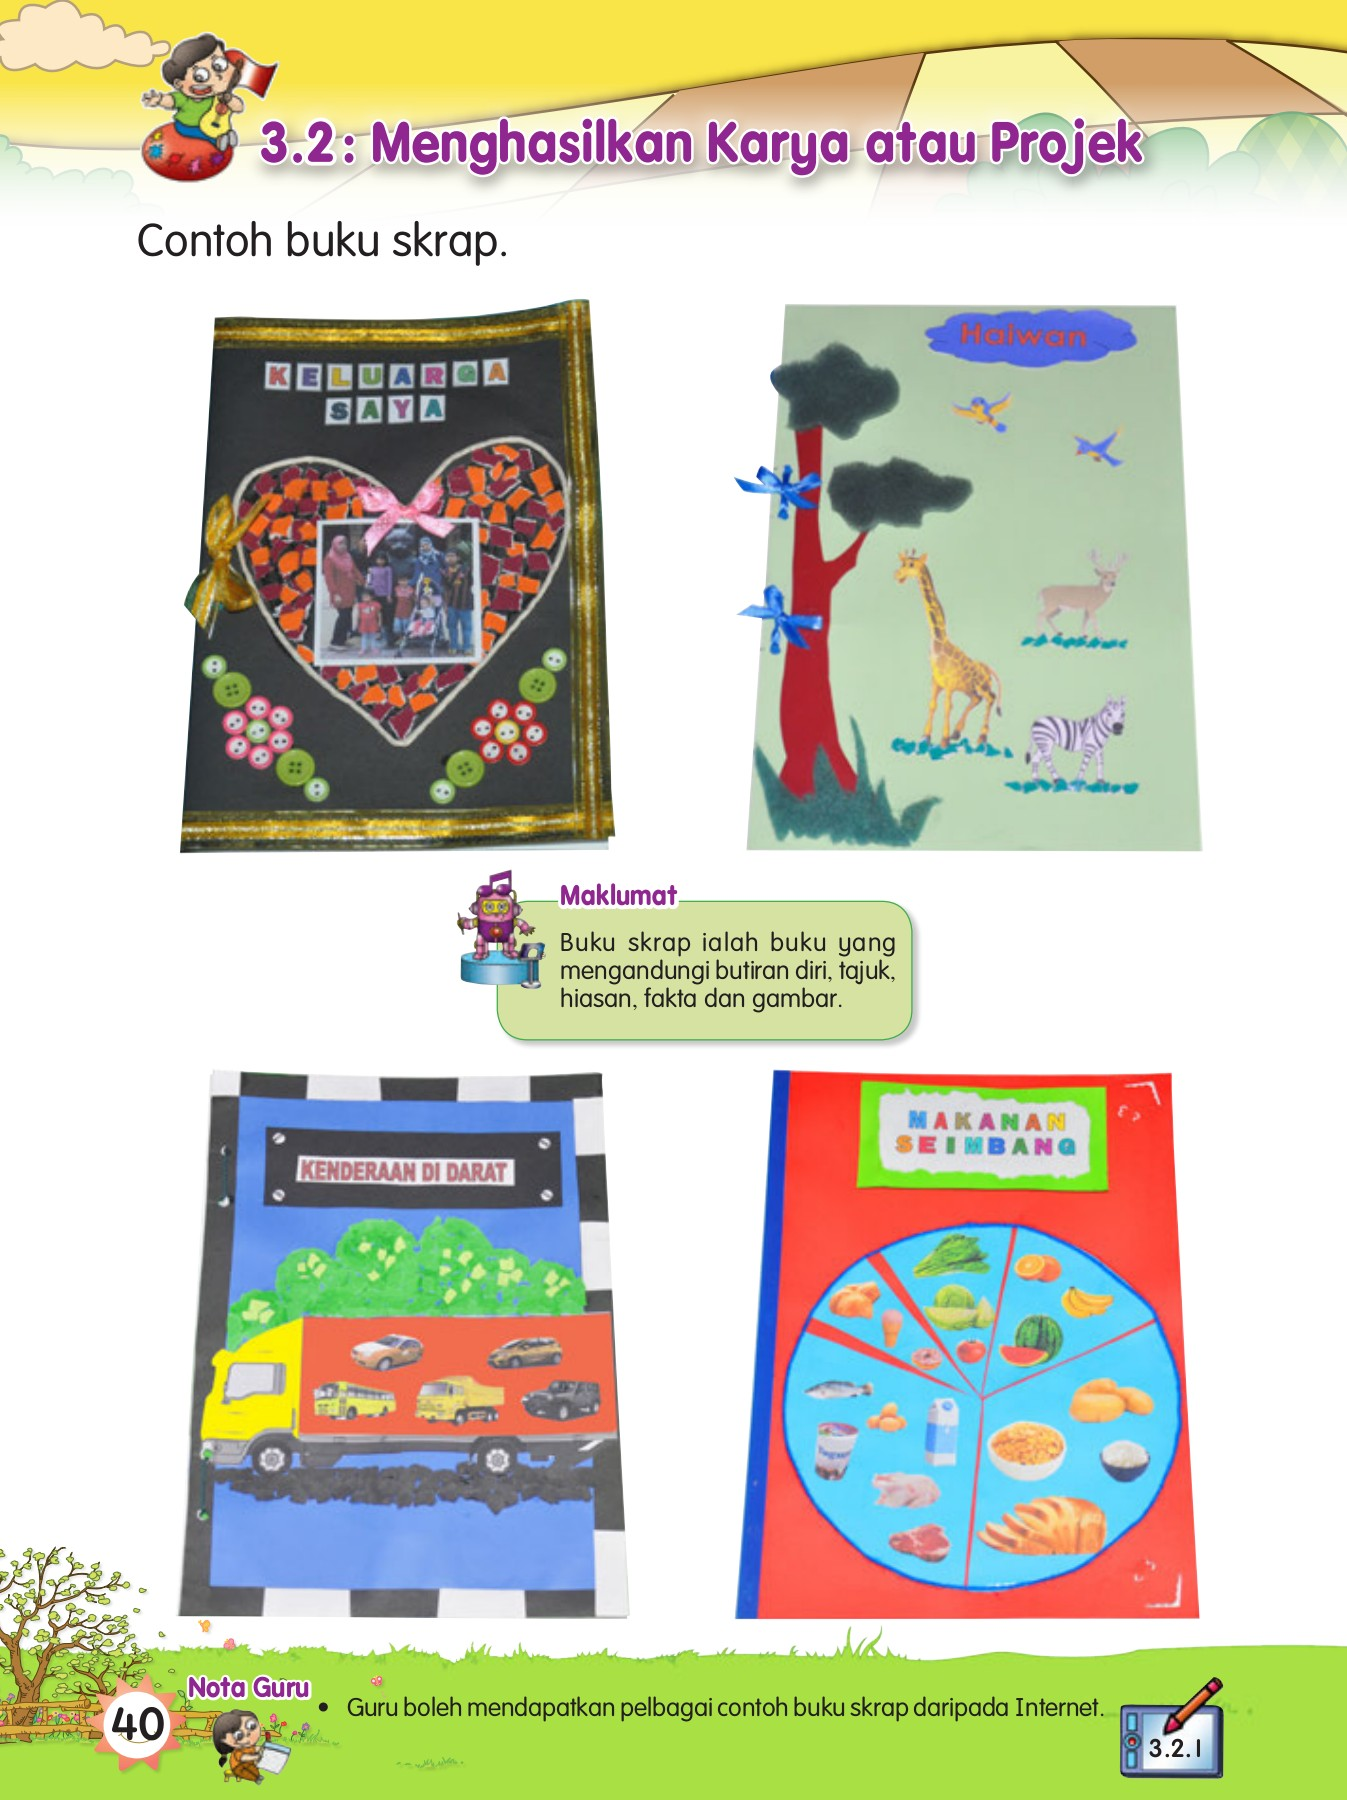 Contoh Buku Skrap Yang Kreatif 8 Buku Skrap Ideas Beadboard Wainscoting Projects To Try Valentine Cards Handmade Skrap Edu3106 Contoh Pendahuluan Buku Skrap Sivik Contoh Pendahuluan Jidaya Minas